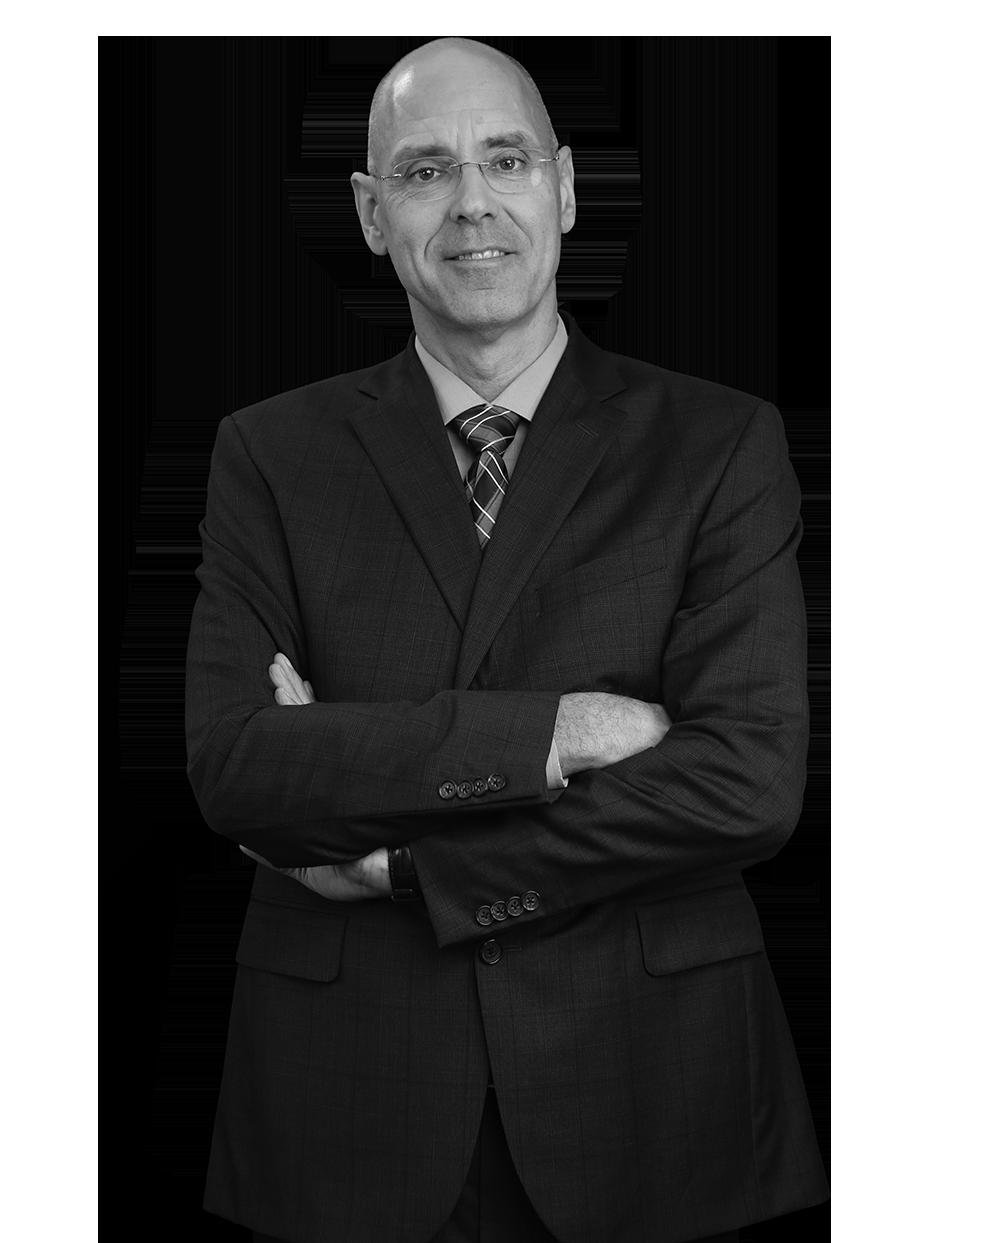 Me Alain Barrette, avocat | Membre de l'équipe Barrette & Associés | Avocats